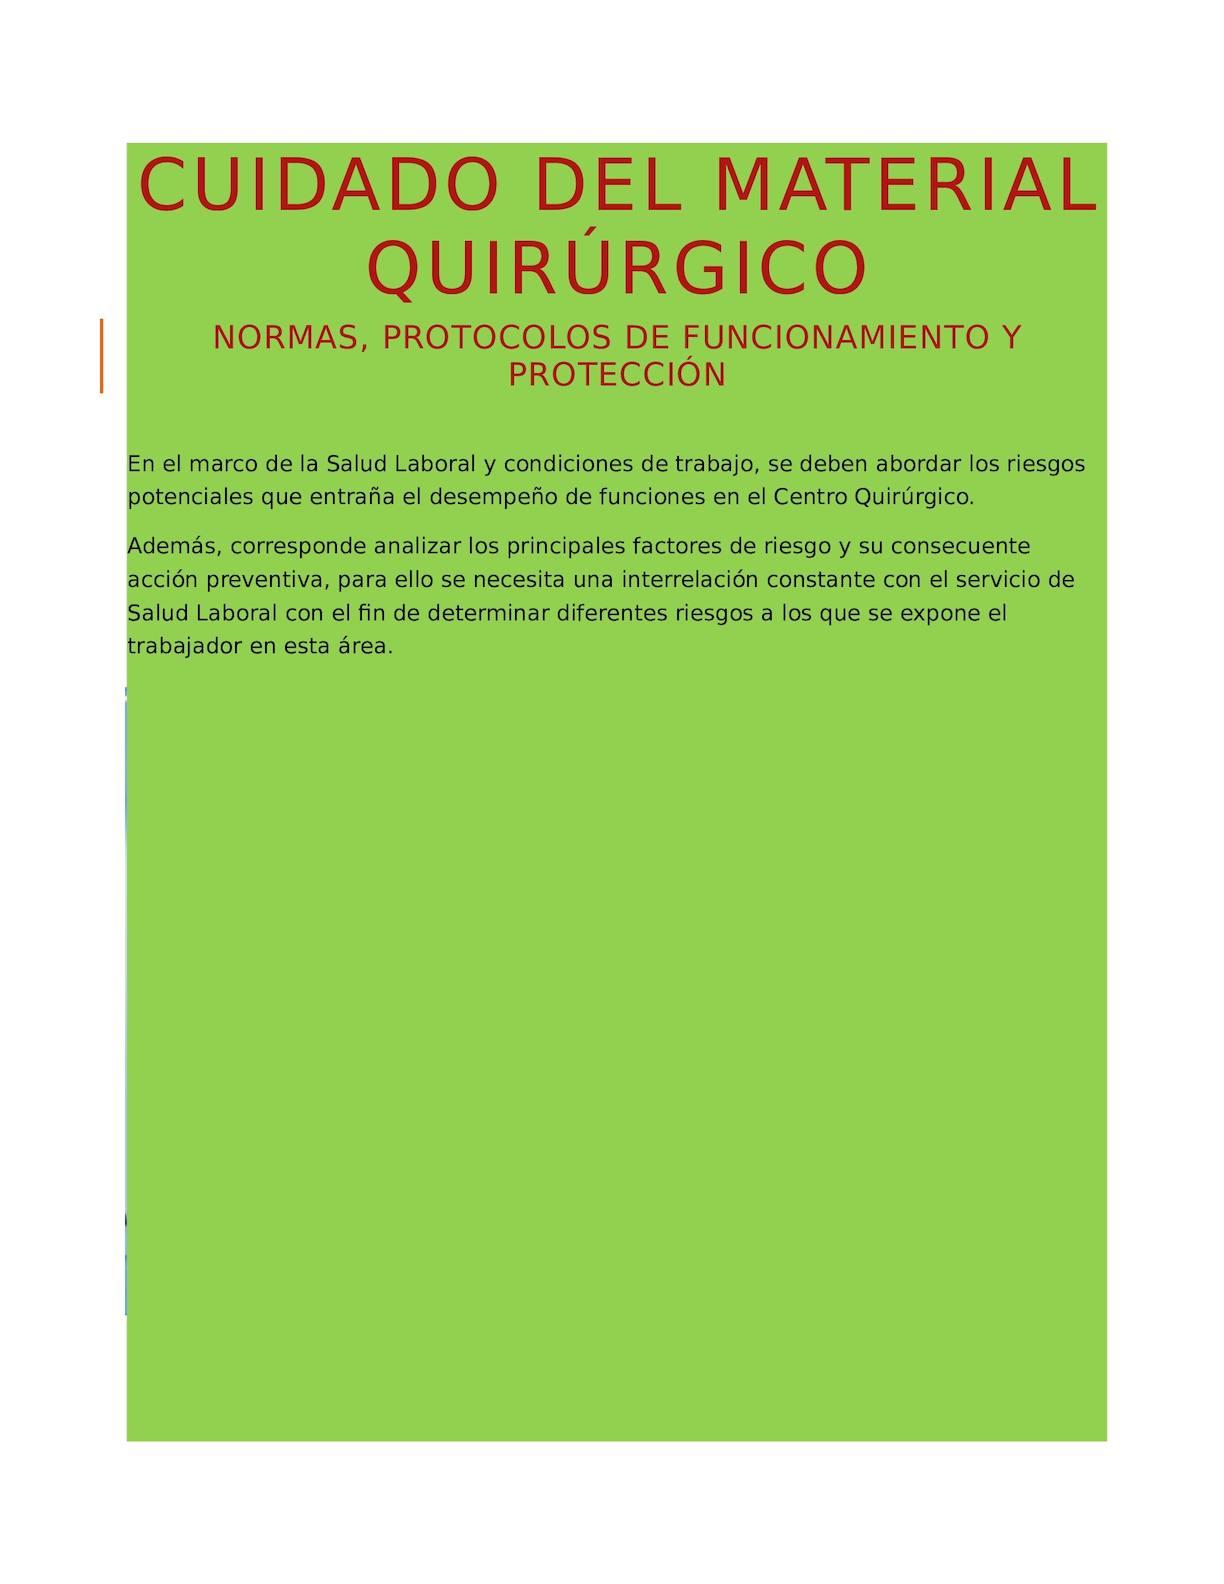 Circuito Quirurgico : Calaméo cuidado del material quirúrgico